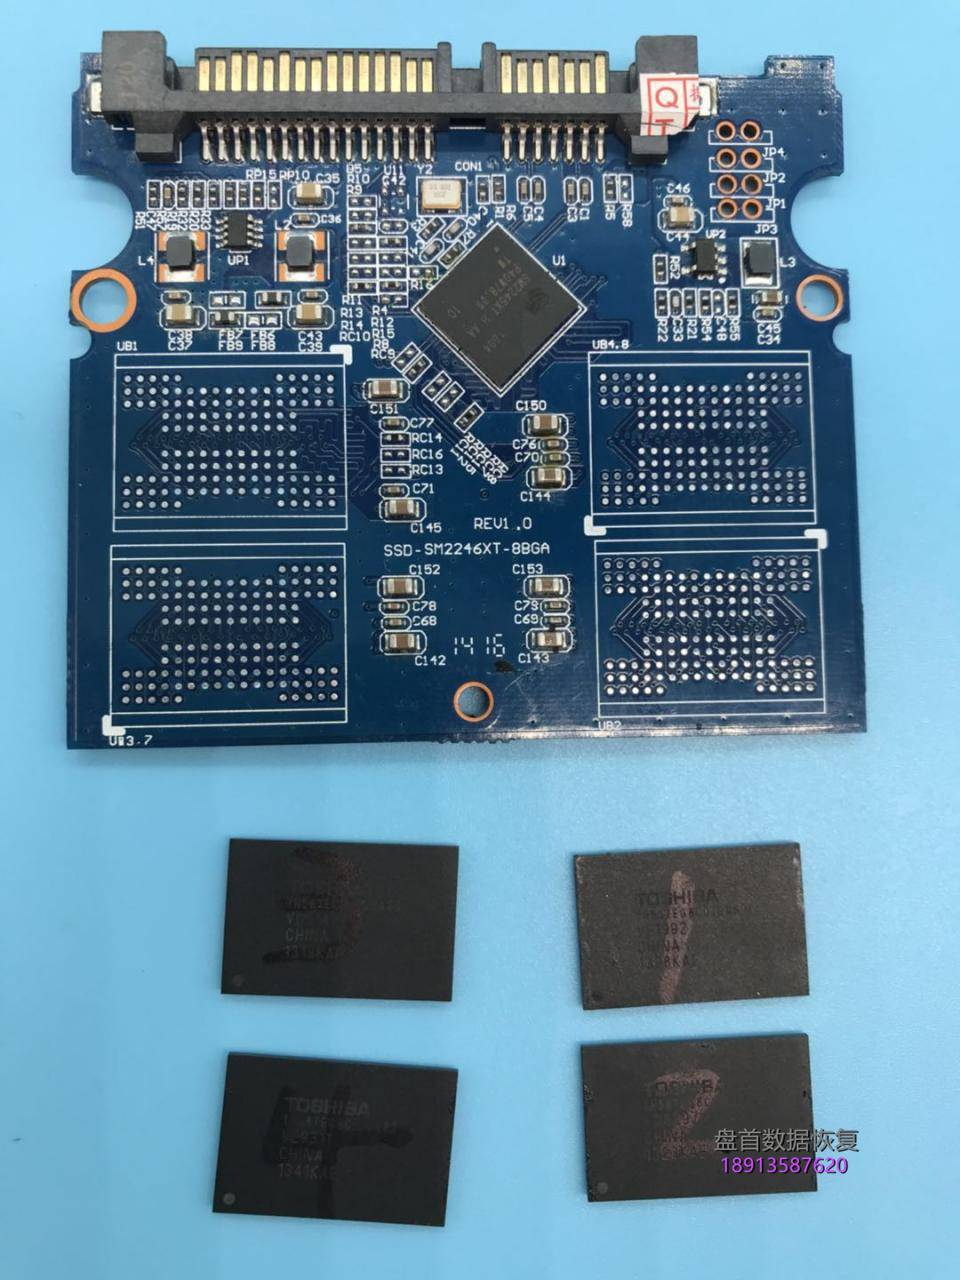 金士顿sv300s37a假的ssd固态硬盘掉盘不识别sm2246xt主控芯片拆芯 金士顿SV300S37A假的SSD固态硬盘掉盘不识别SM2246XT主控芯片拆芯片数据恢复成功